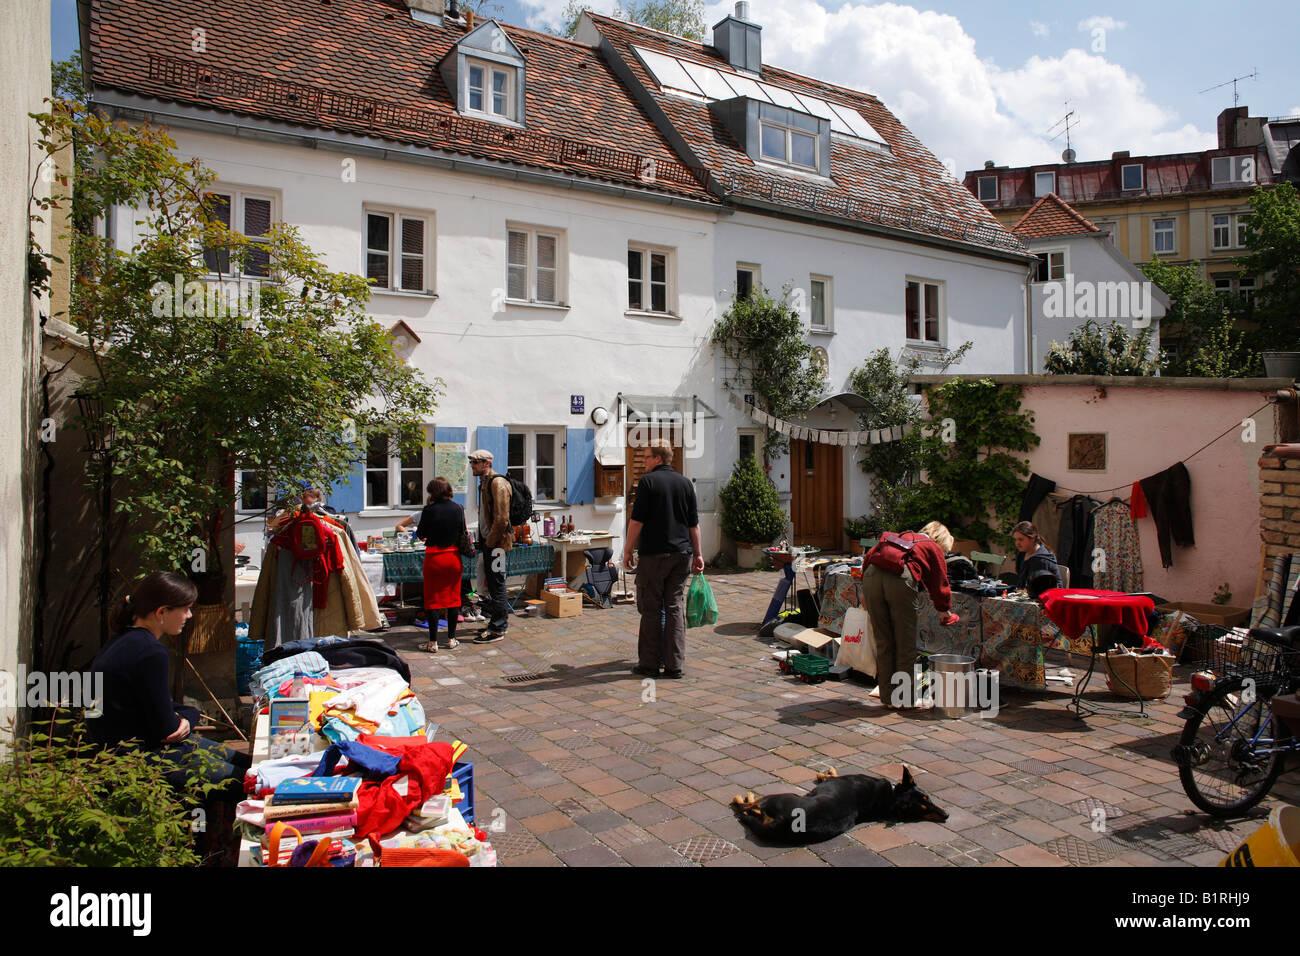 Hinterhof Flohmarkt Steinstrasse 48 Munchen Haidhausen